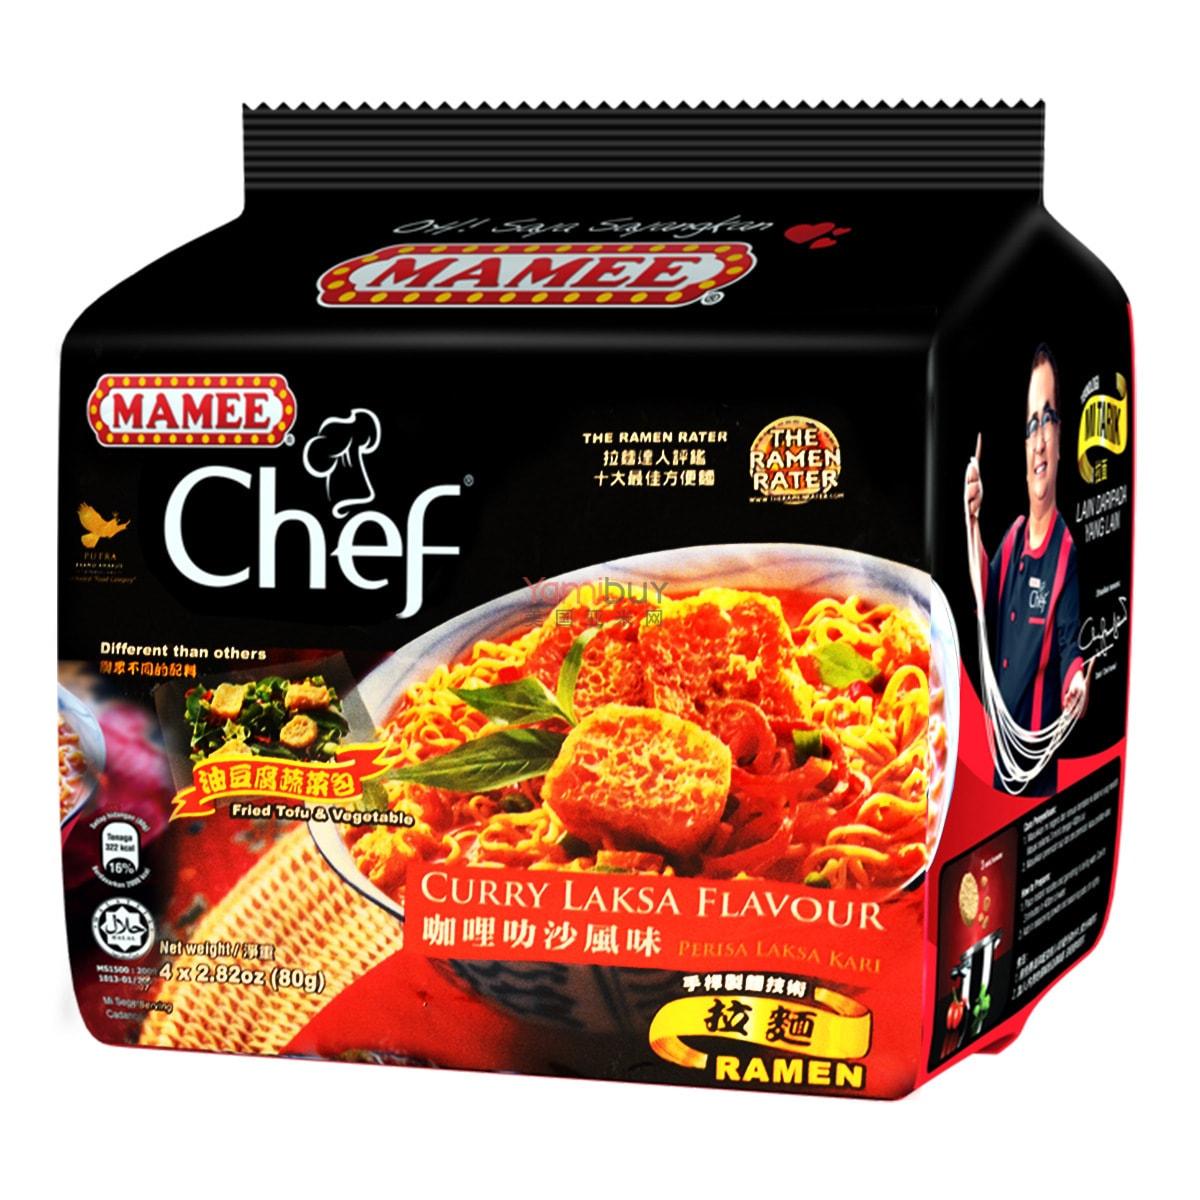 马来西亚MAMEE CHEF 咖喱叻沙风味拉面 十大最佳方便面 4包入 320g